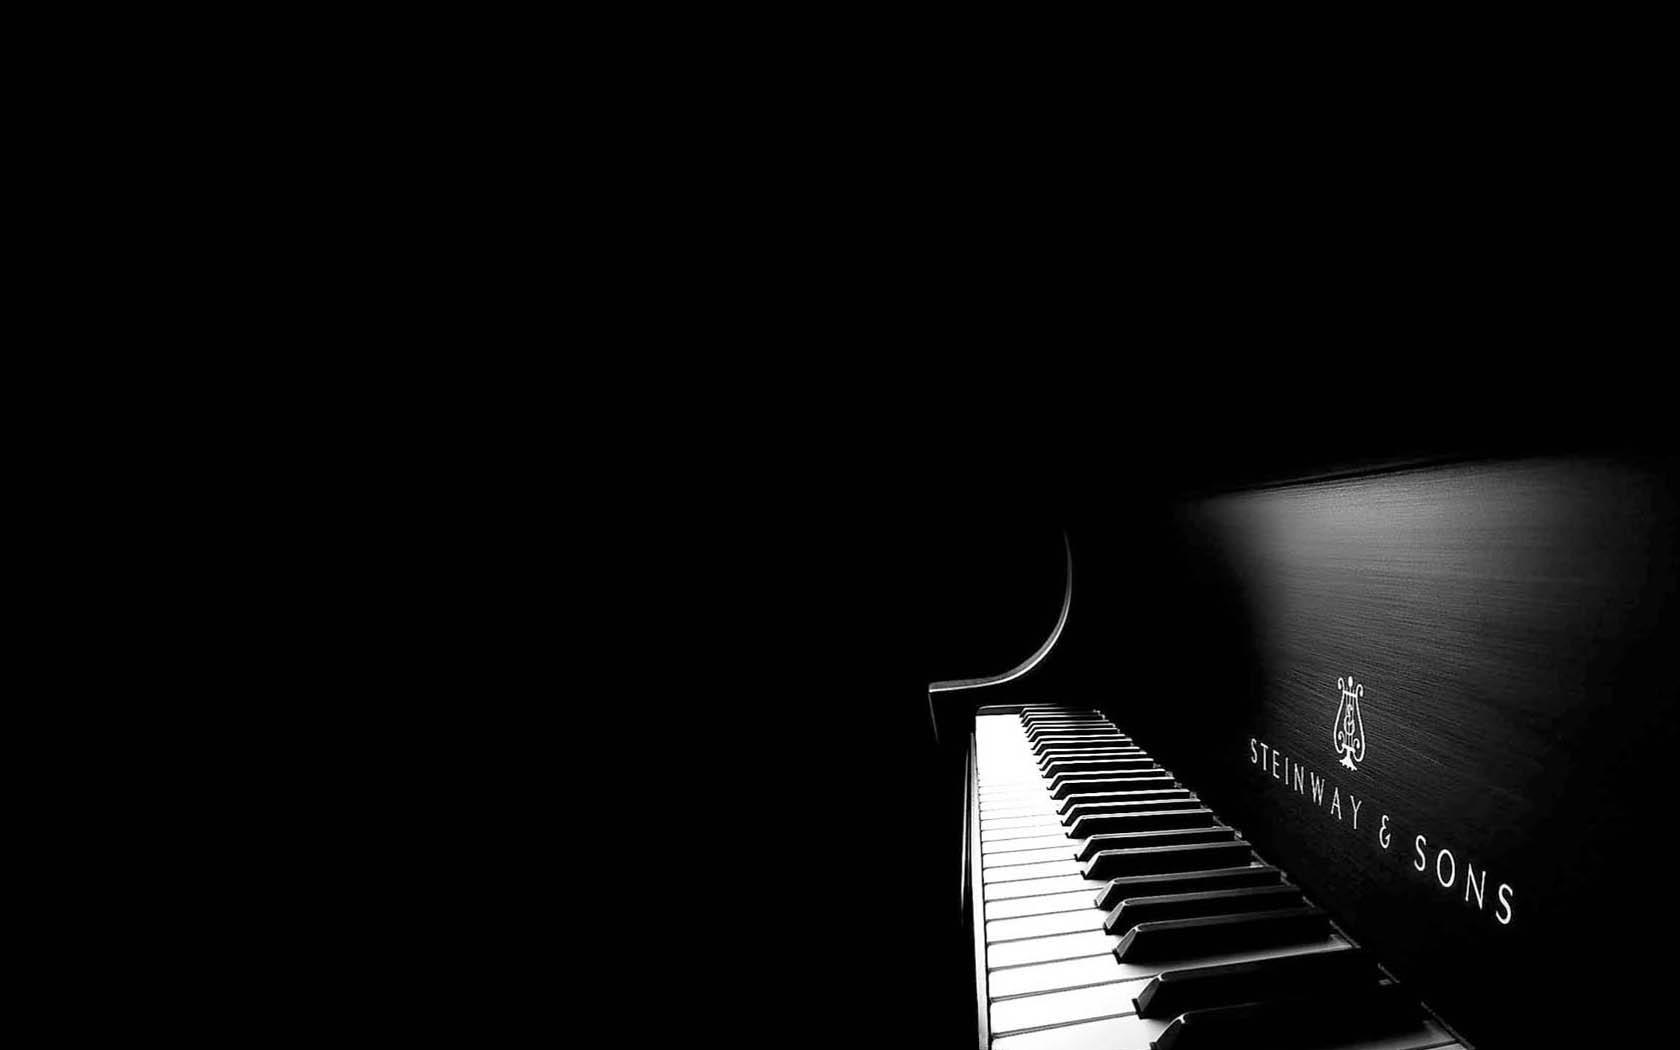 Sfondi Monocromo Strumento Musicale Musica Tecnologia